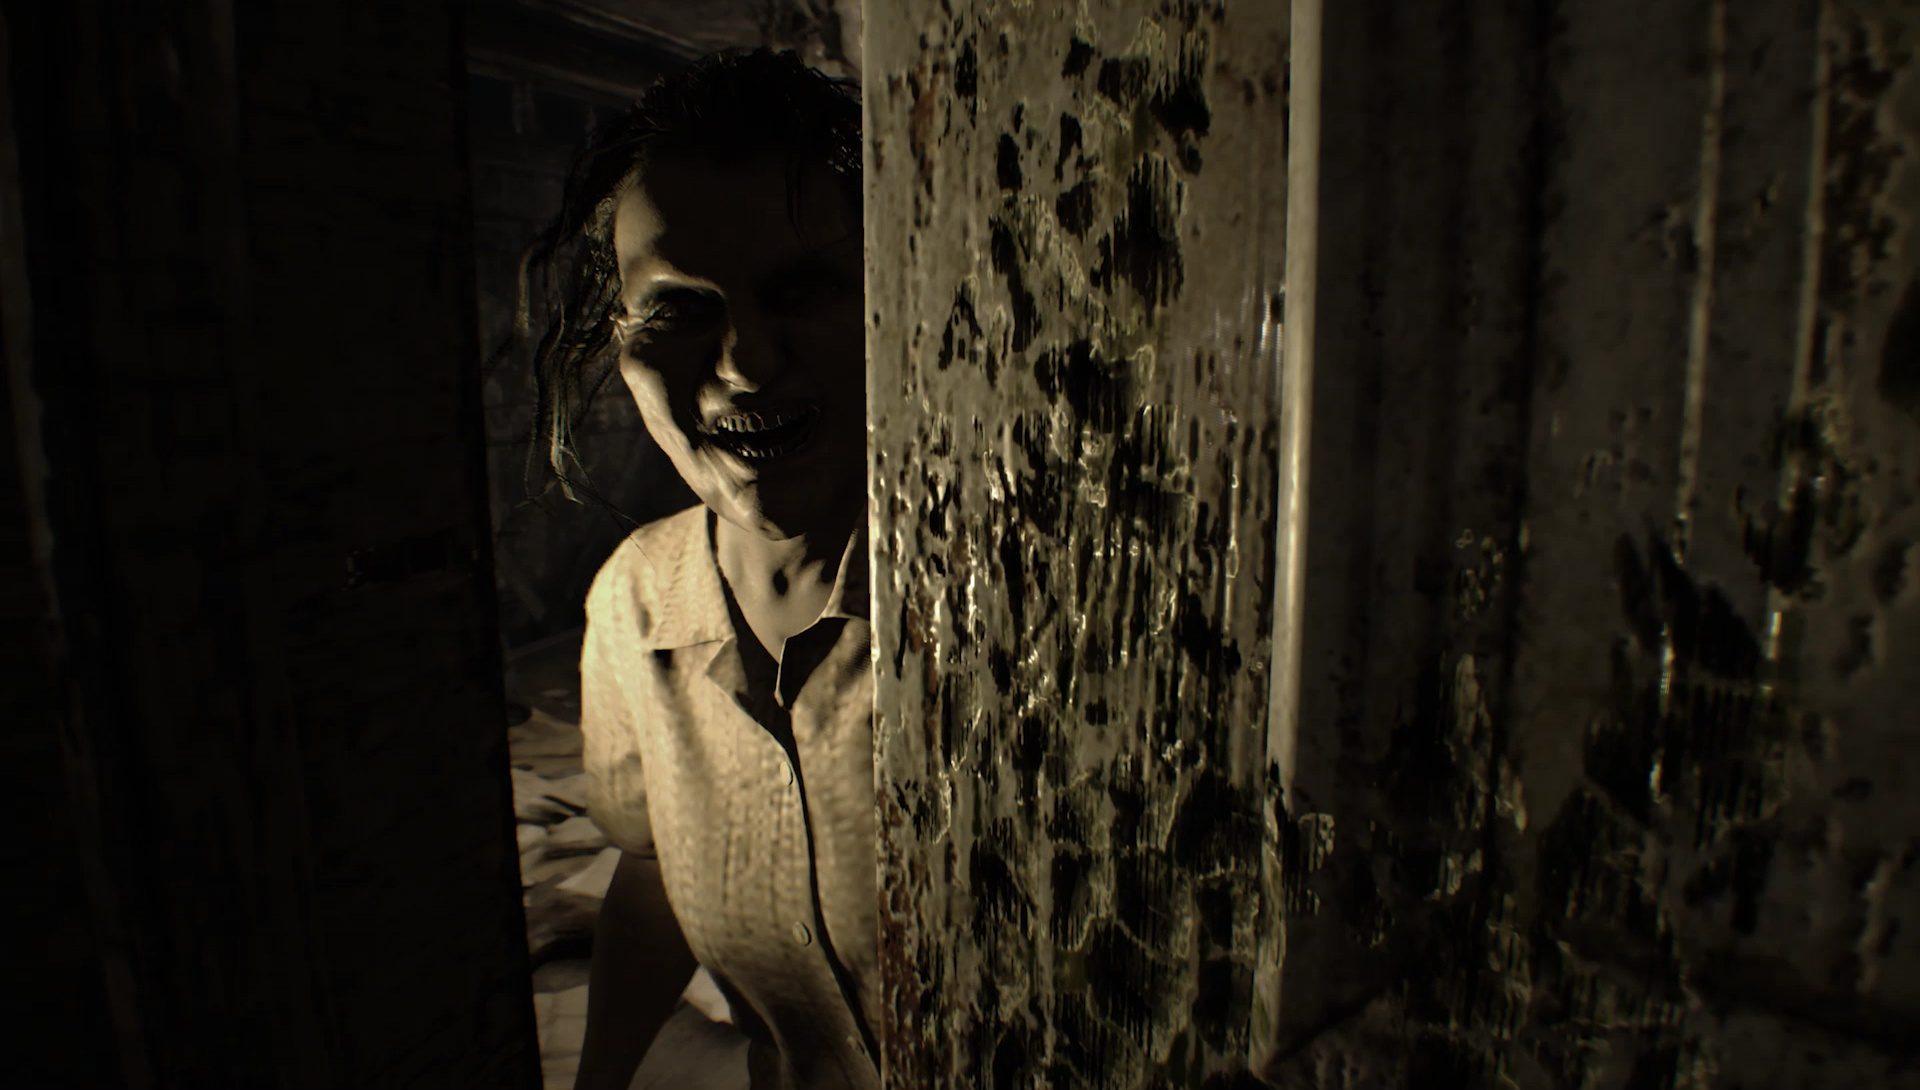 Самые лучшие хоррор игры - Resident Evil 7: Biohazard